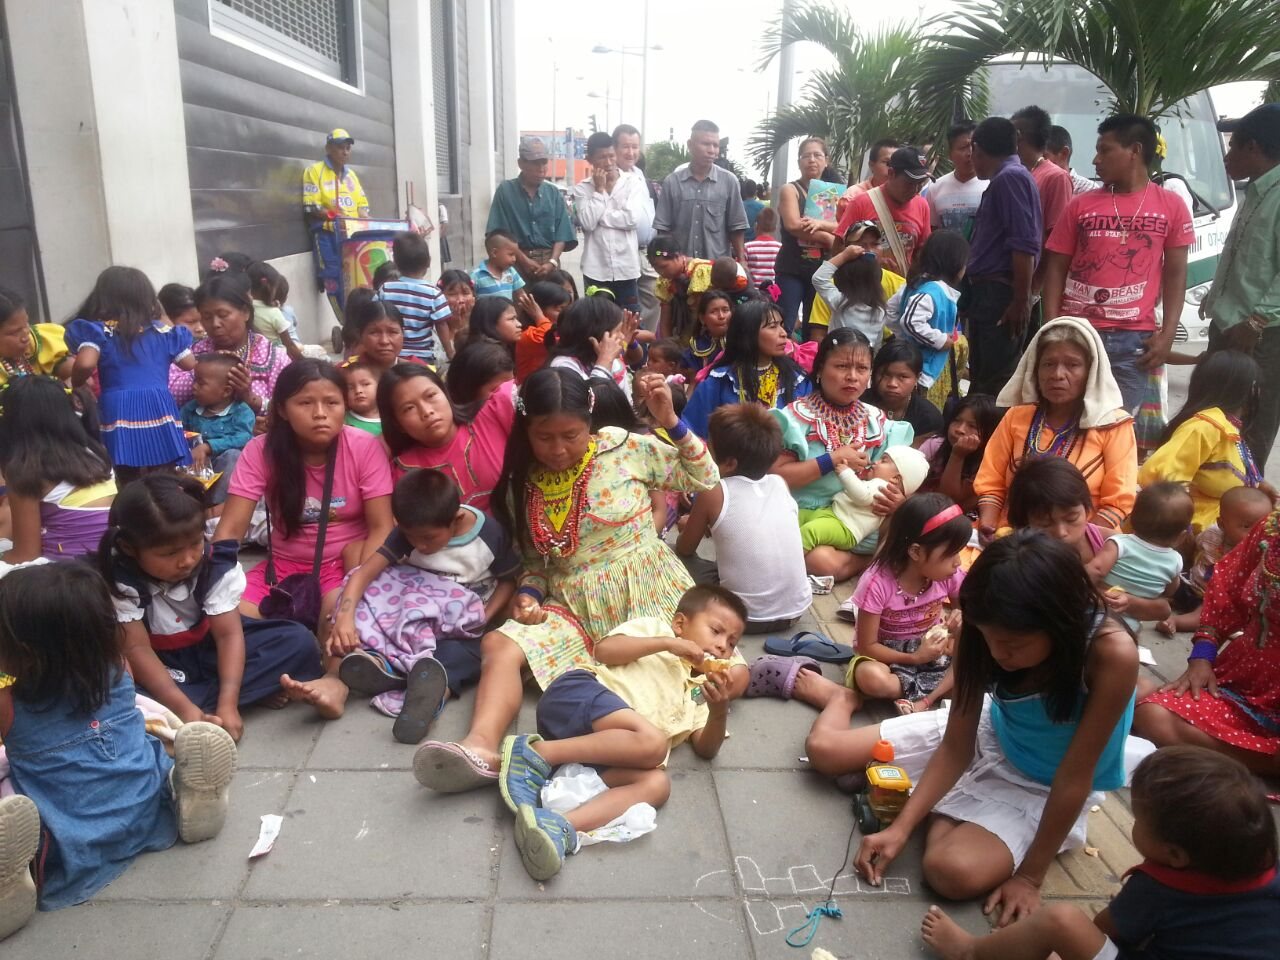 Los Embera protestan en contra del proyecto Ciudad Paraiso